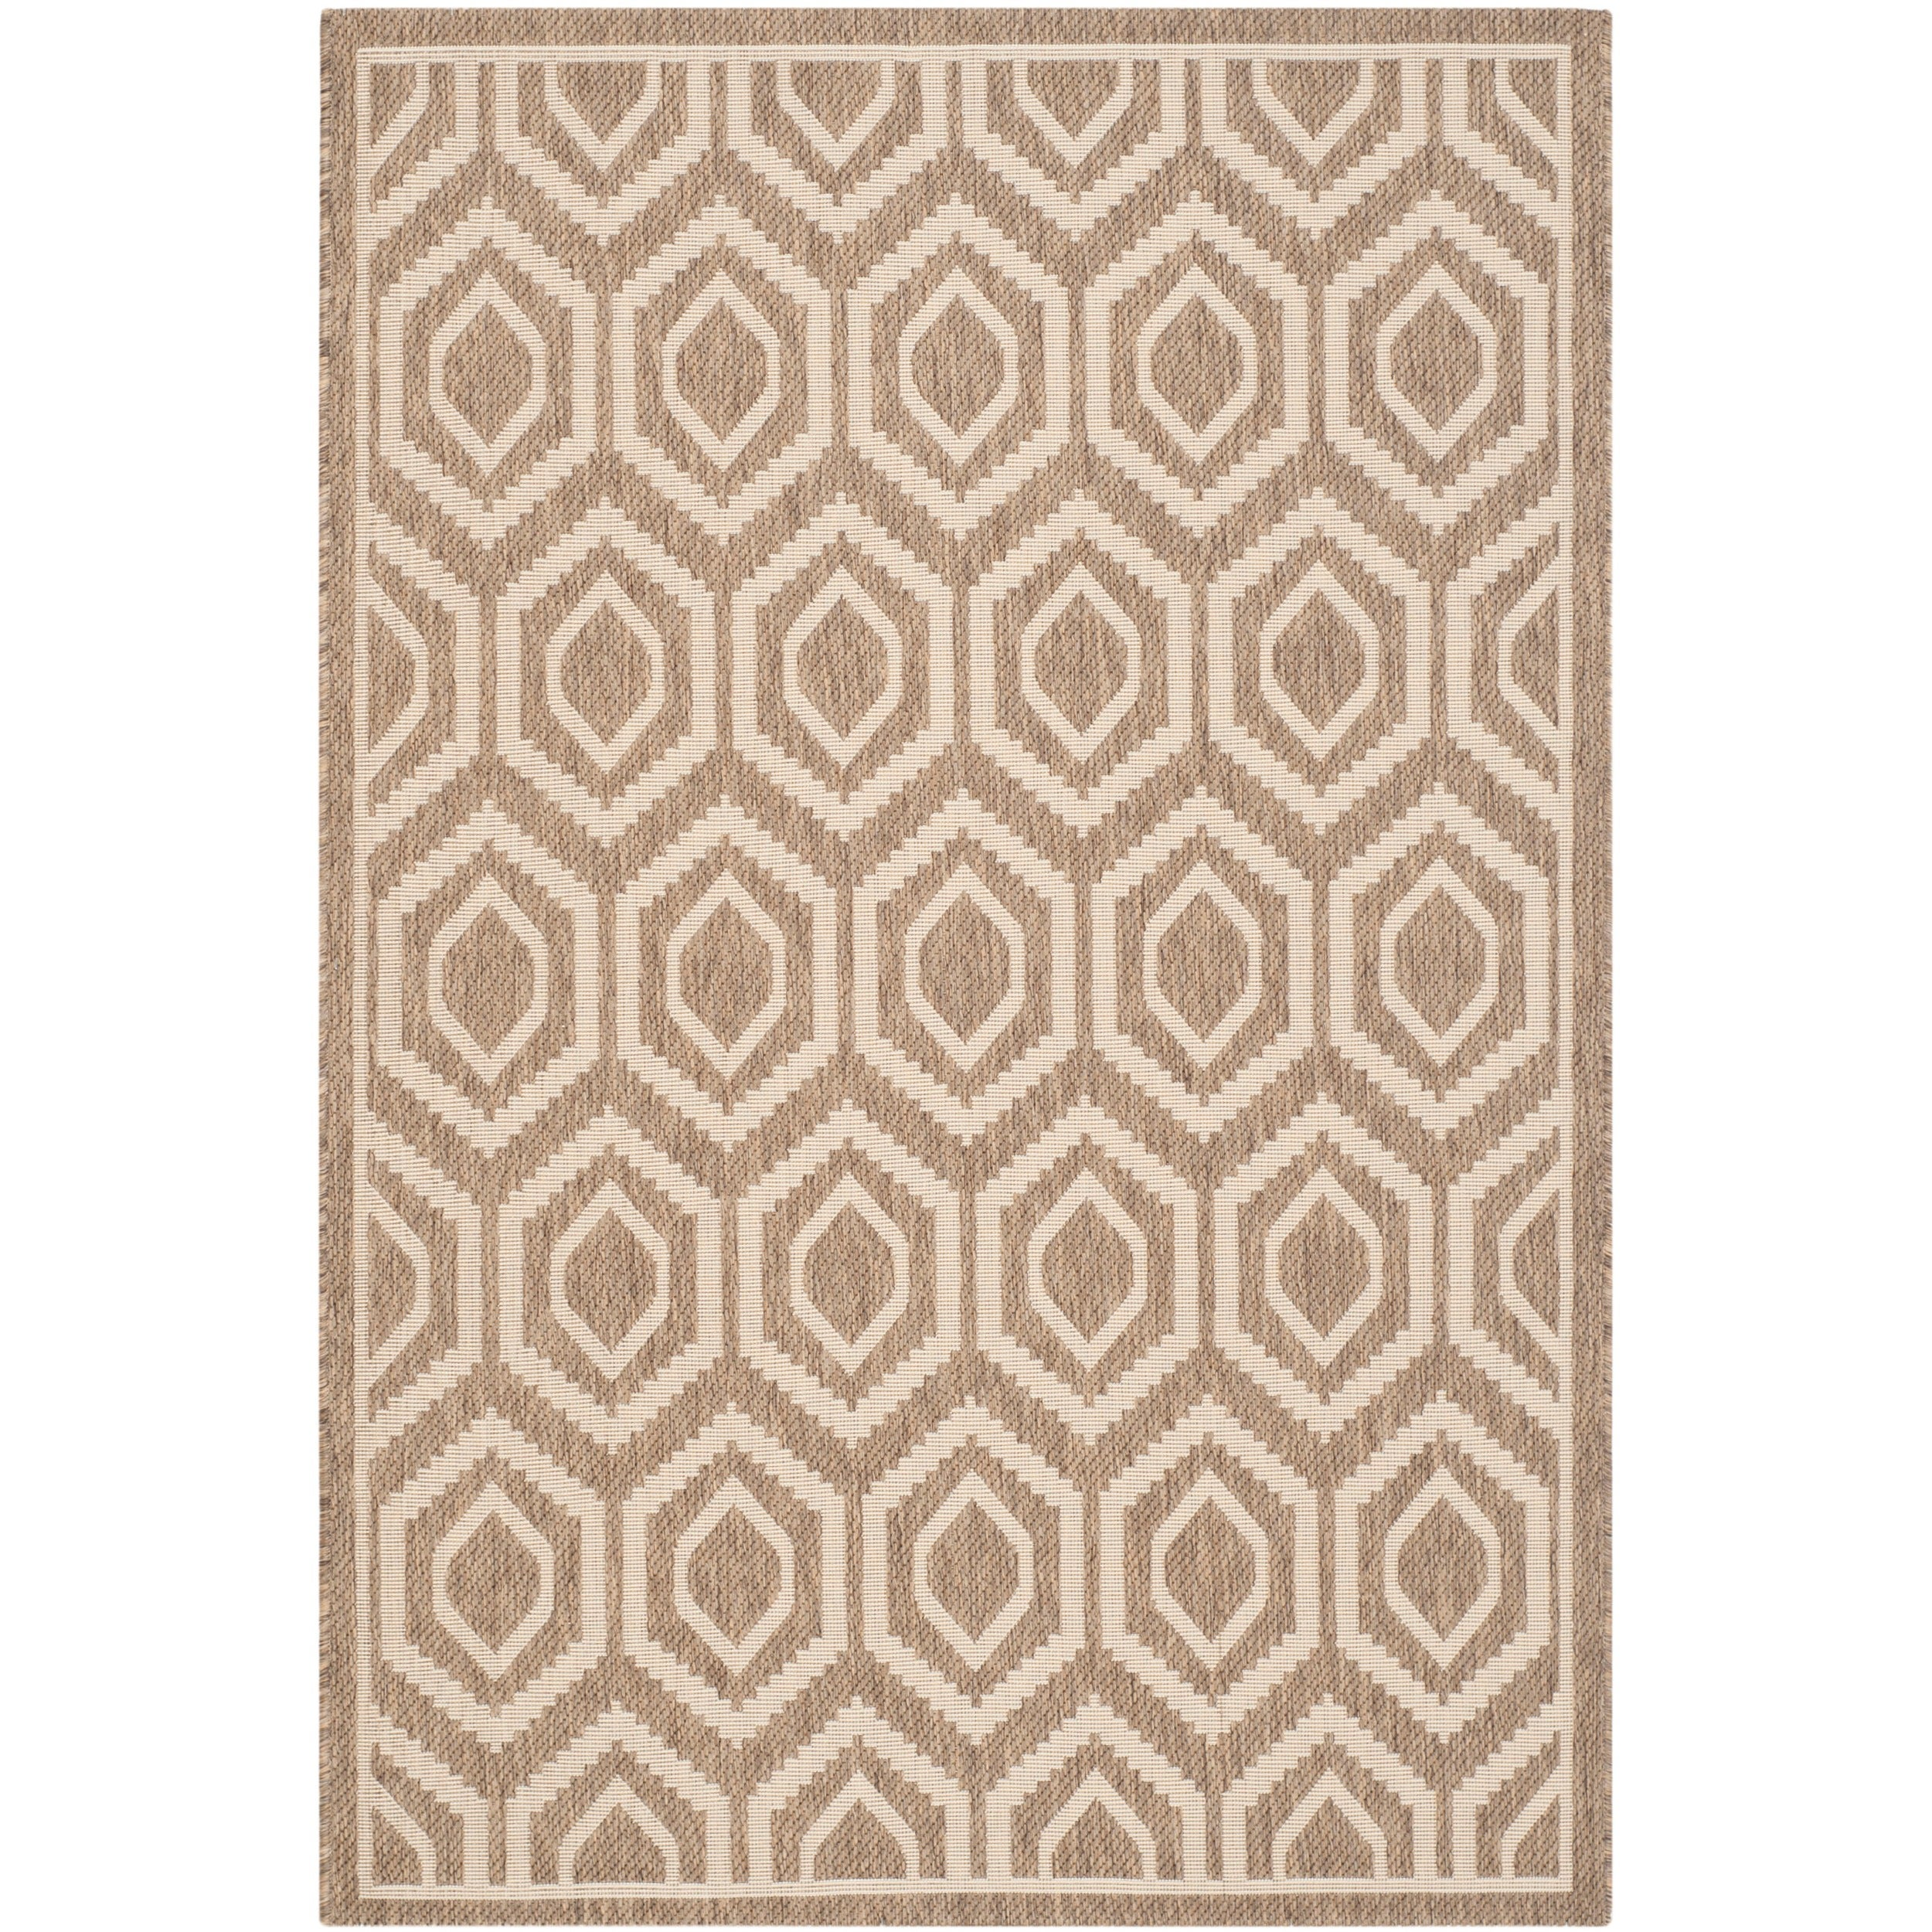 Safavieh Indoor/ Outdoor Courtyard Brown/ Bone Polypropylene Rug (8 X 11)